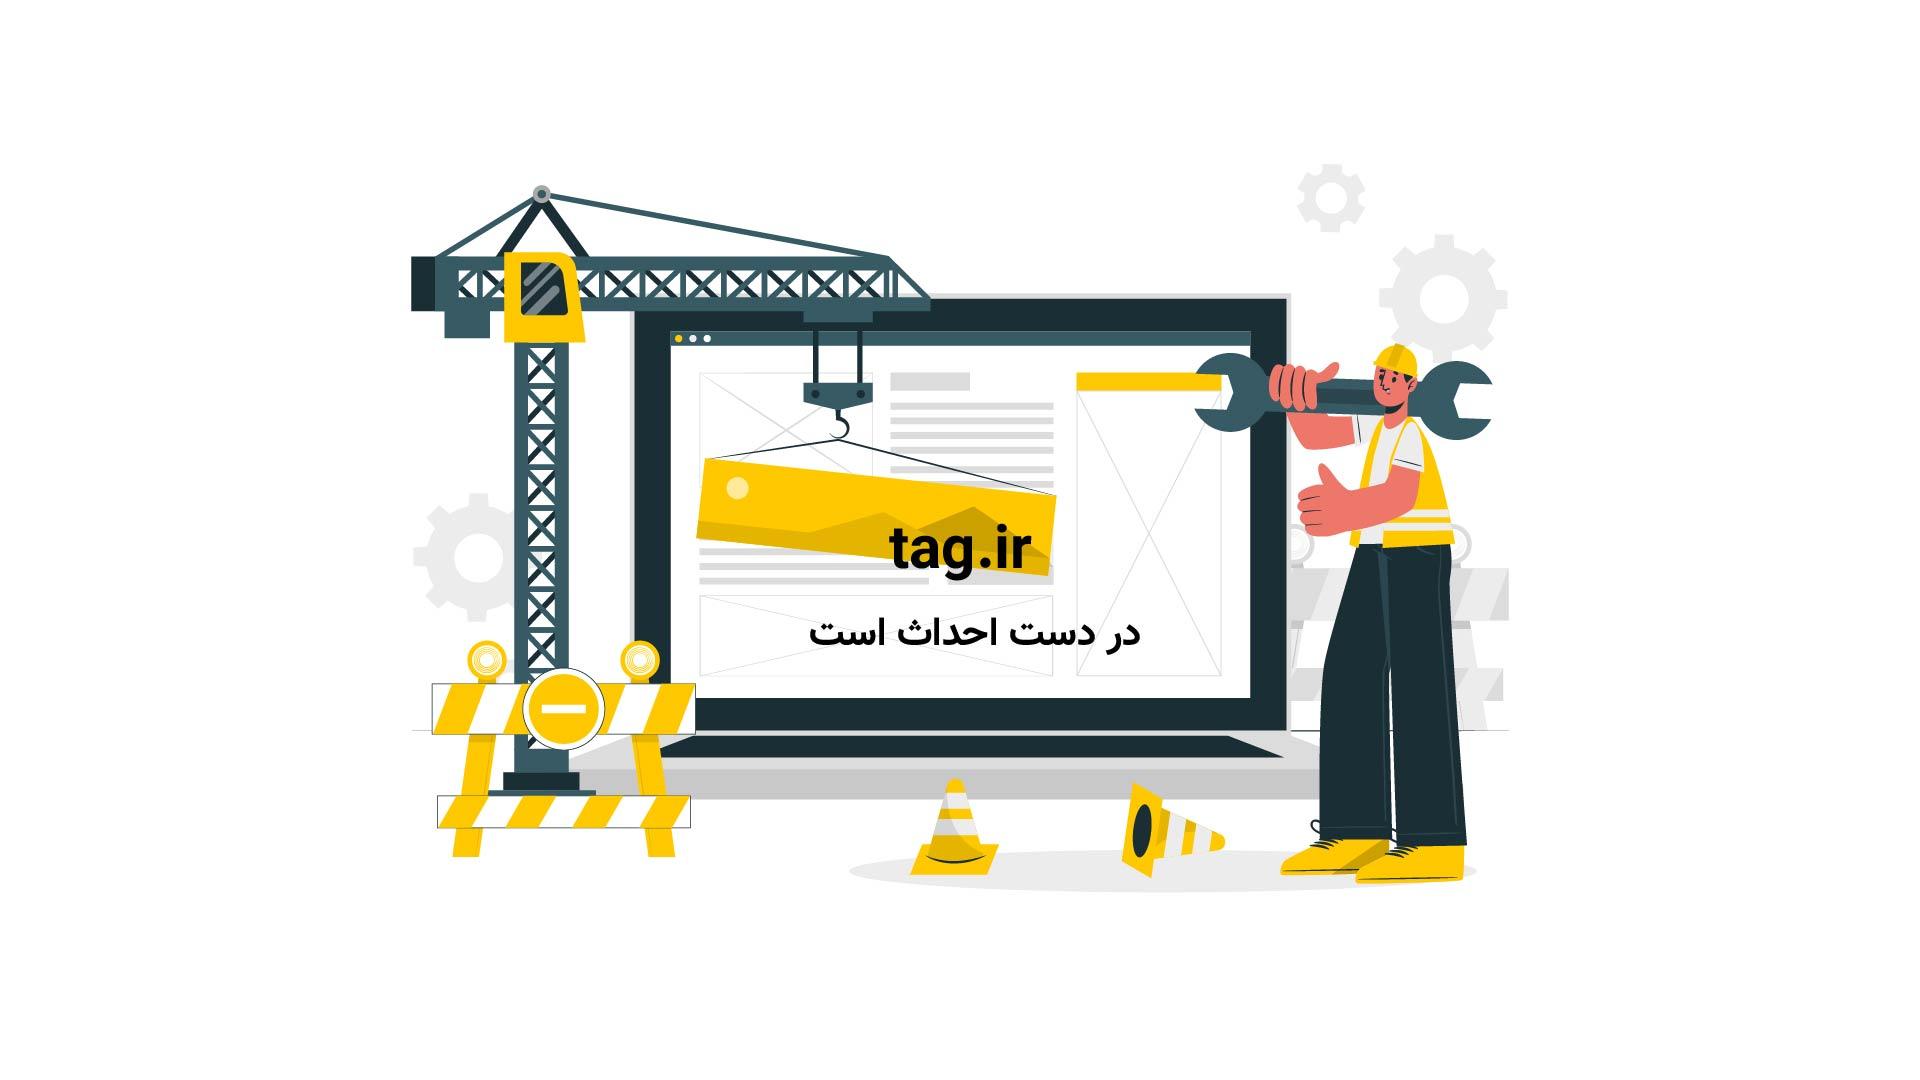 عناوین روزنامههای ورزشی پنجشنبه 4 آذر | فیلم